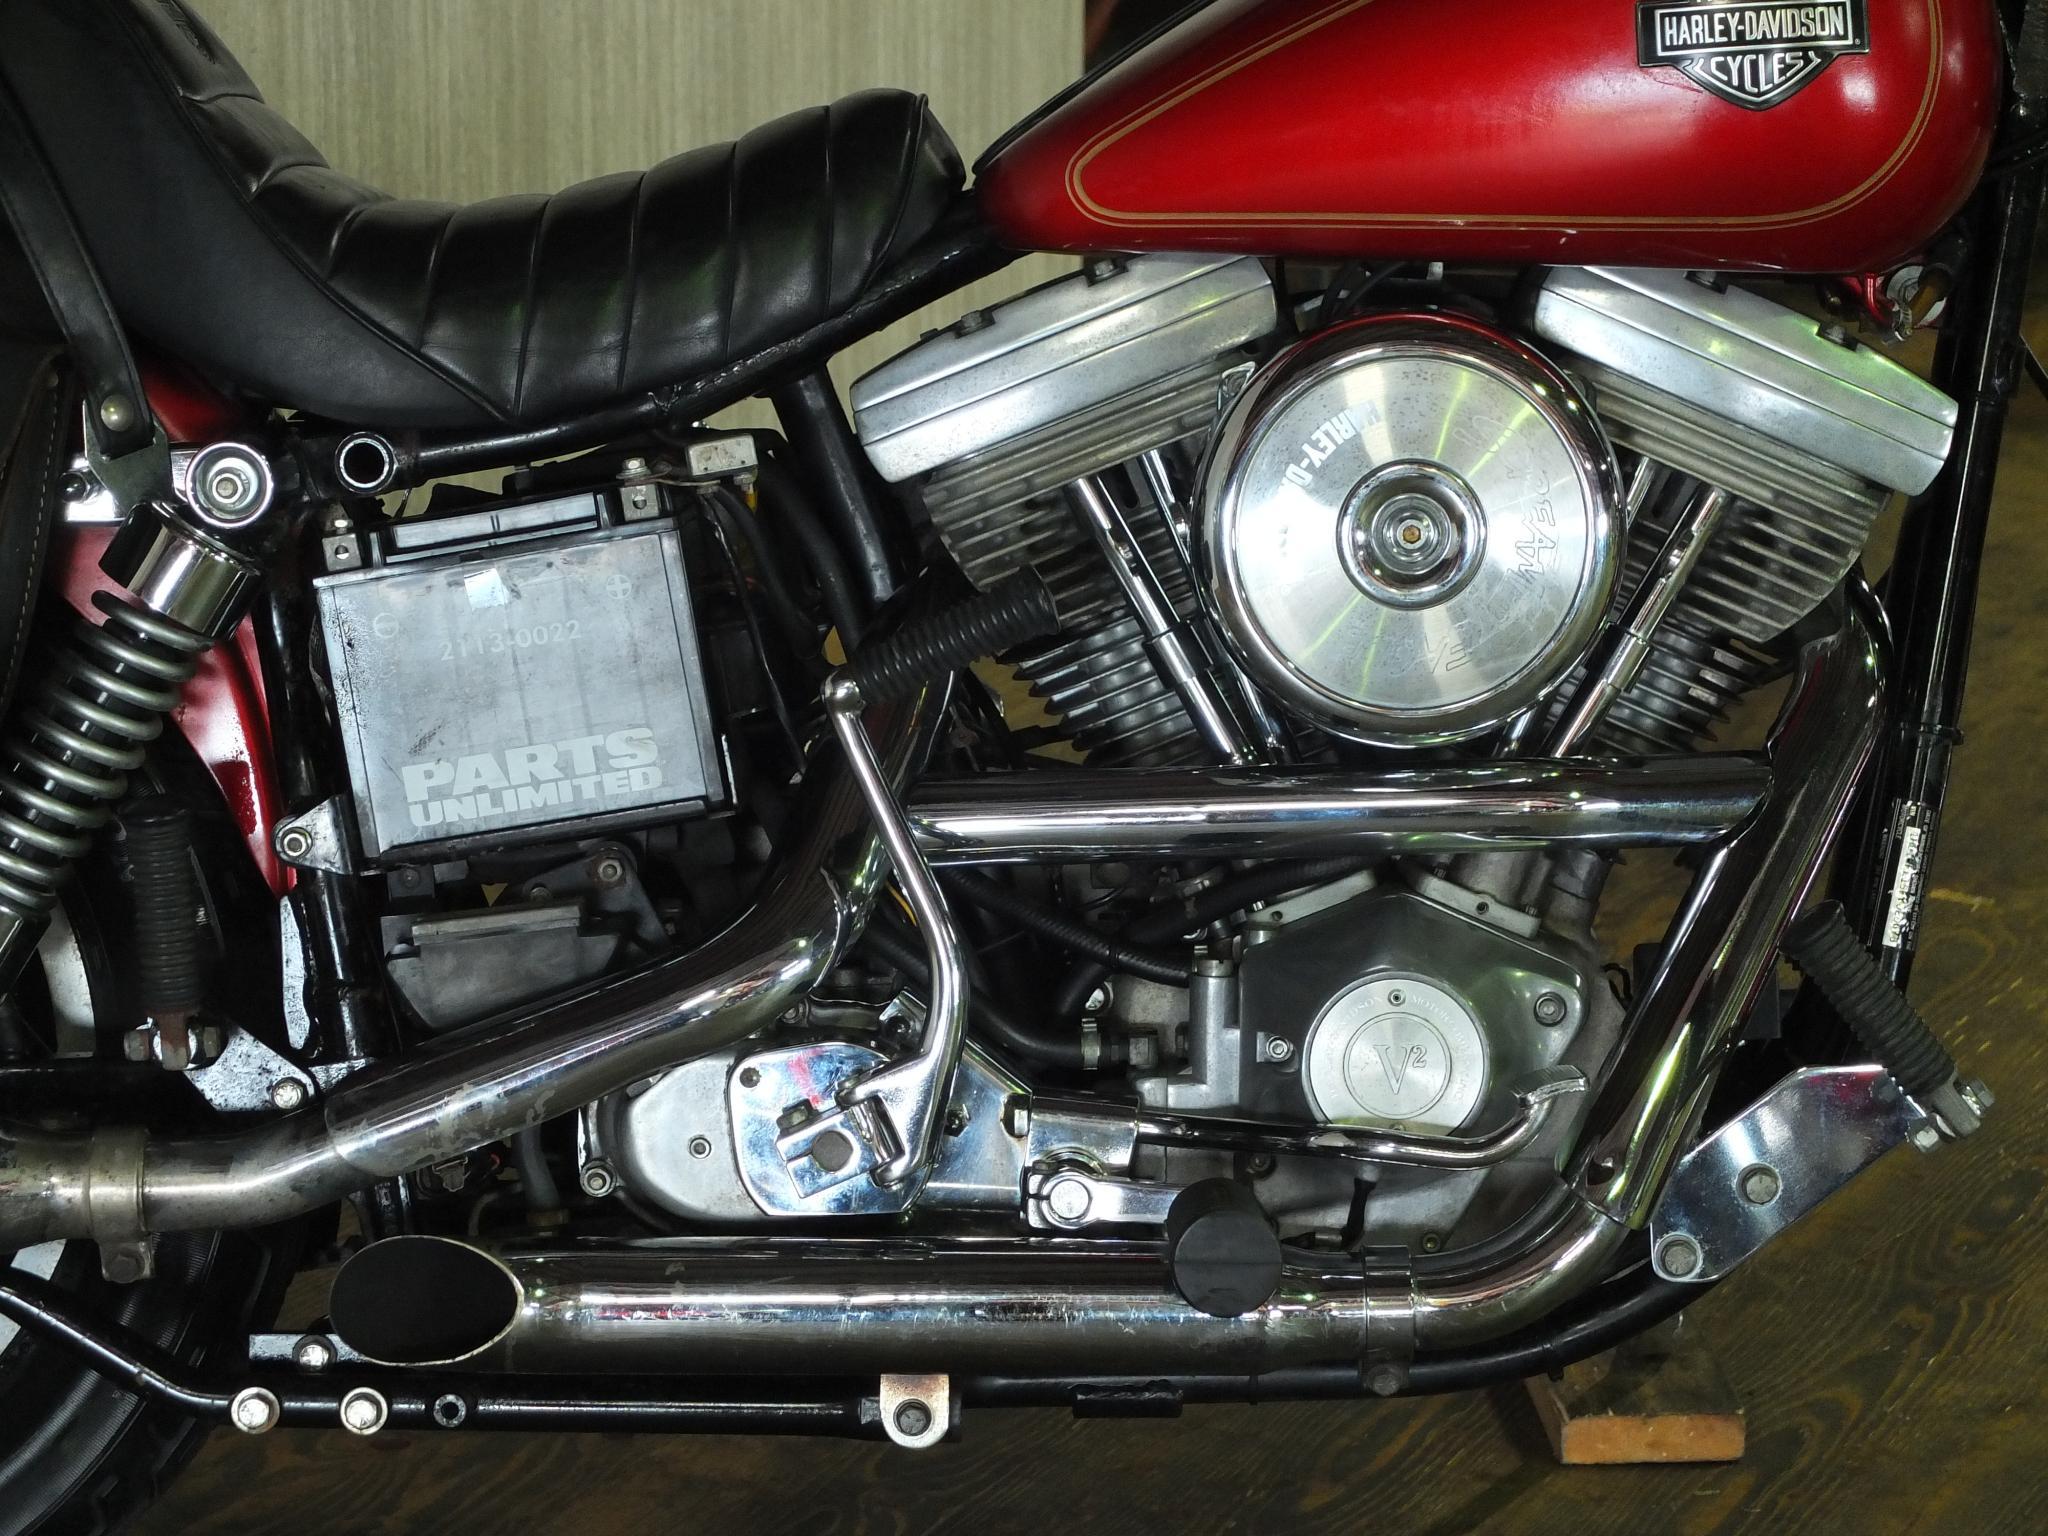 ハーレーダビッドソン 1985 FXSB Low Rider 車体写真7